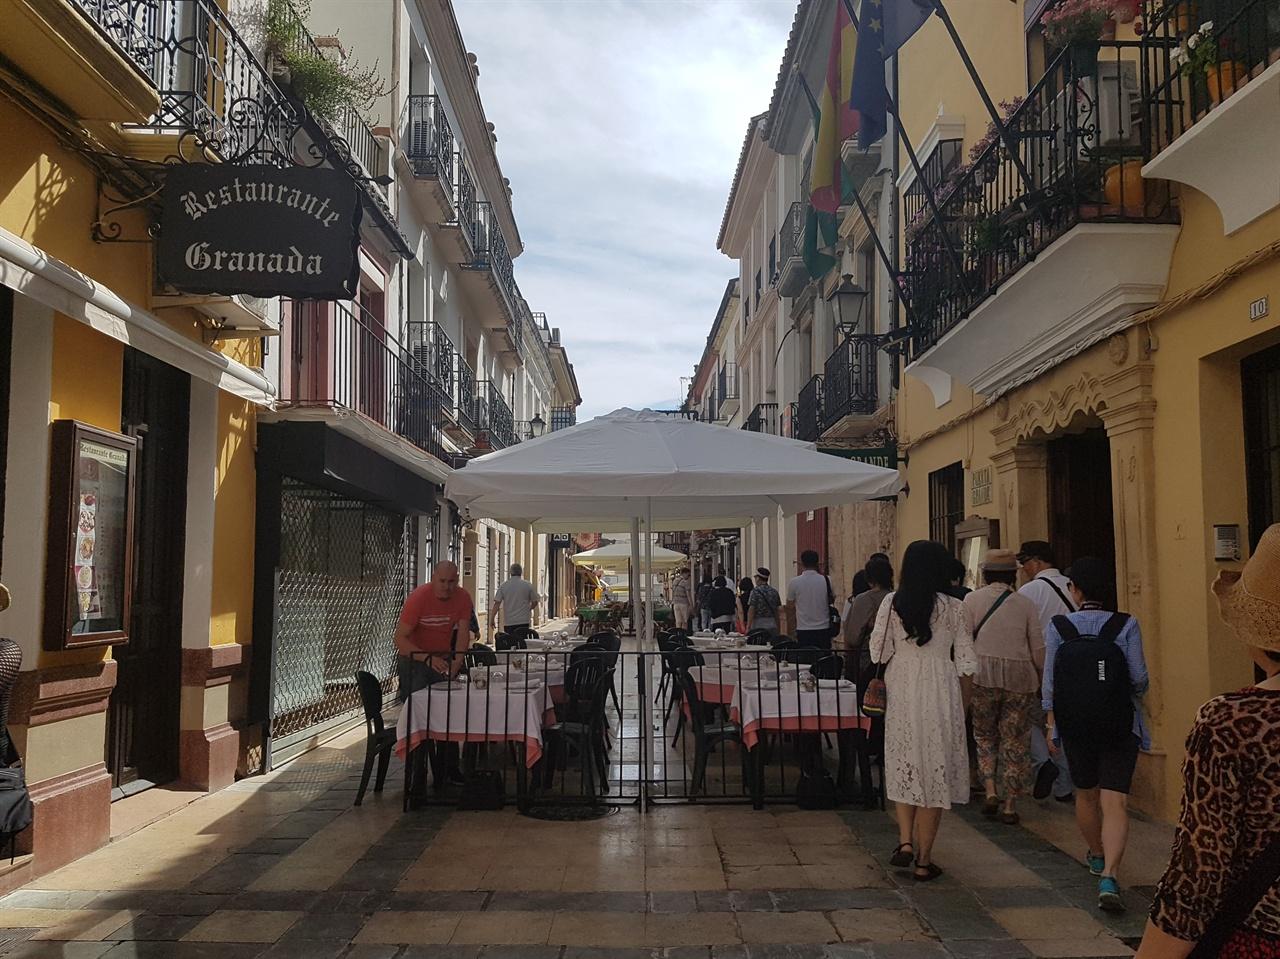 론다 시가지 모습. 거리에는 야외 카페와 음식점이 손님들을 부릅니다.